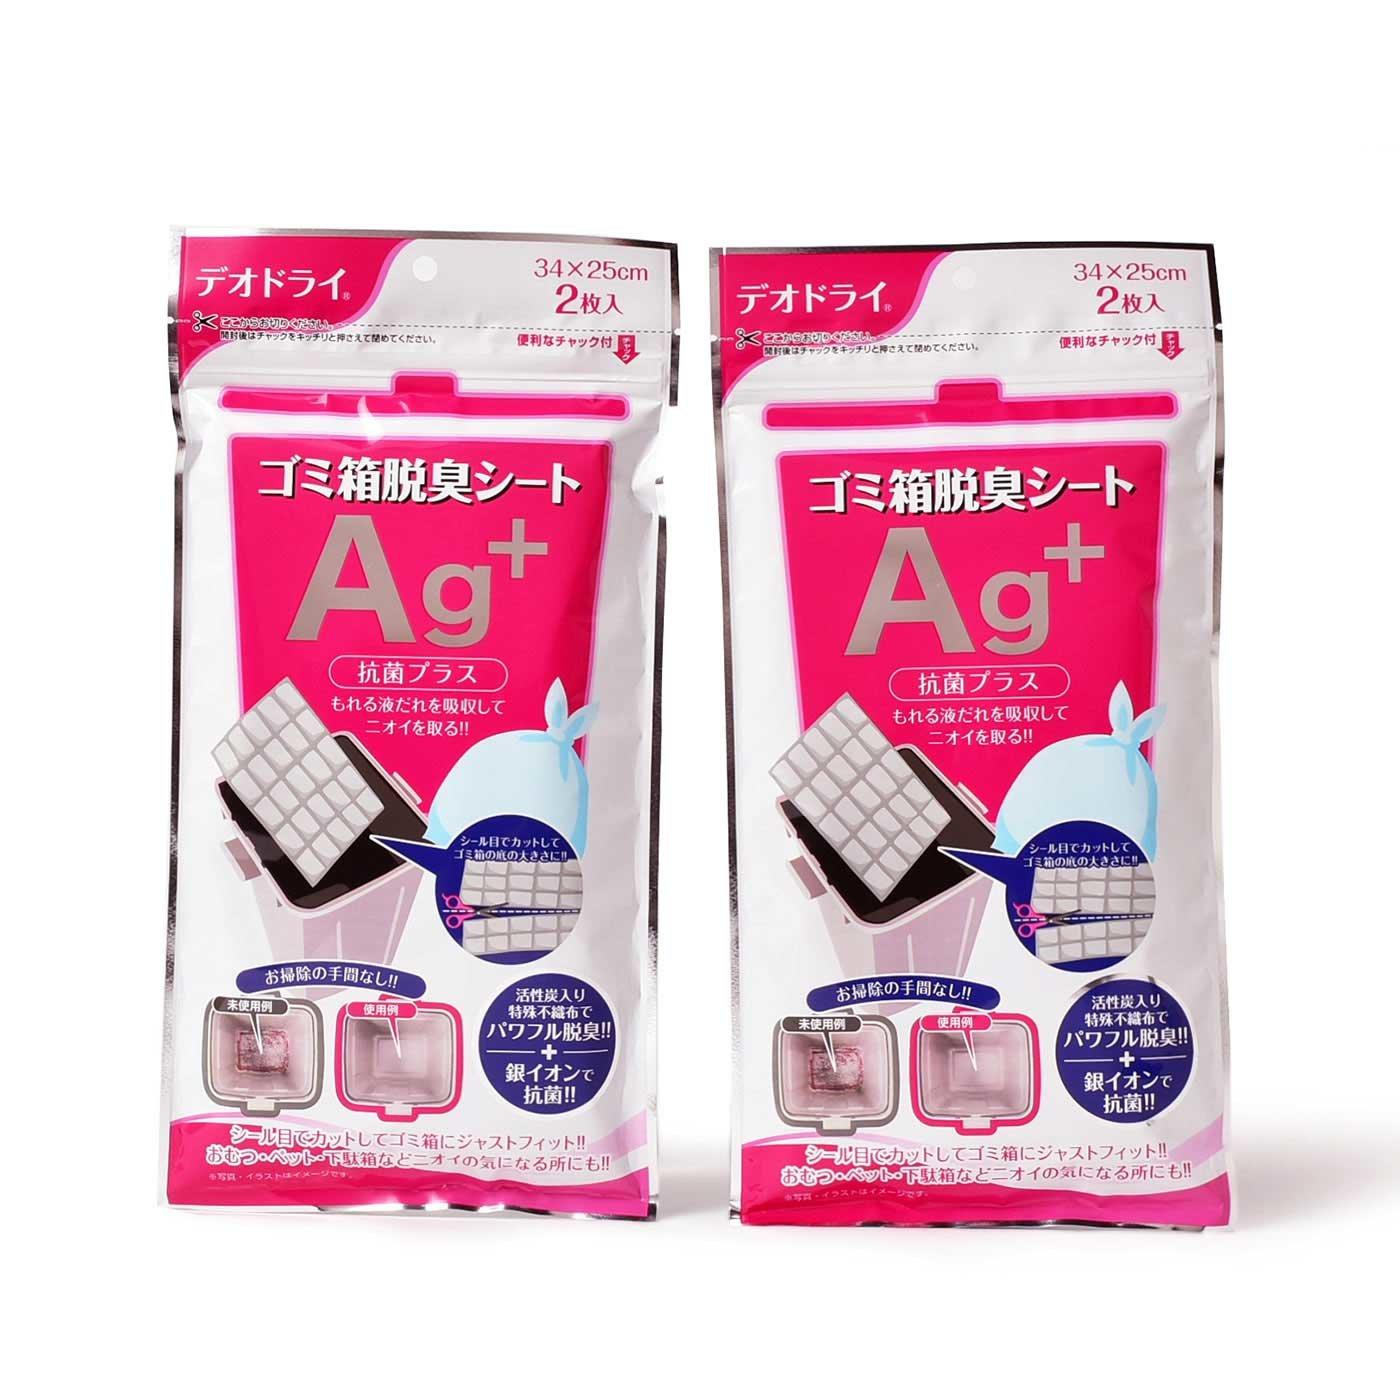 もれる液だれを吸収して、においを取る!デオドライ ゴミ箱脱臭シートAg+(2袋セット)